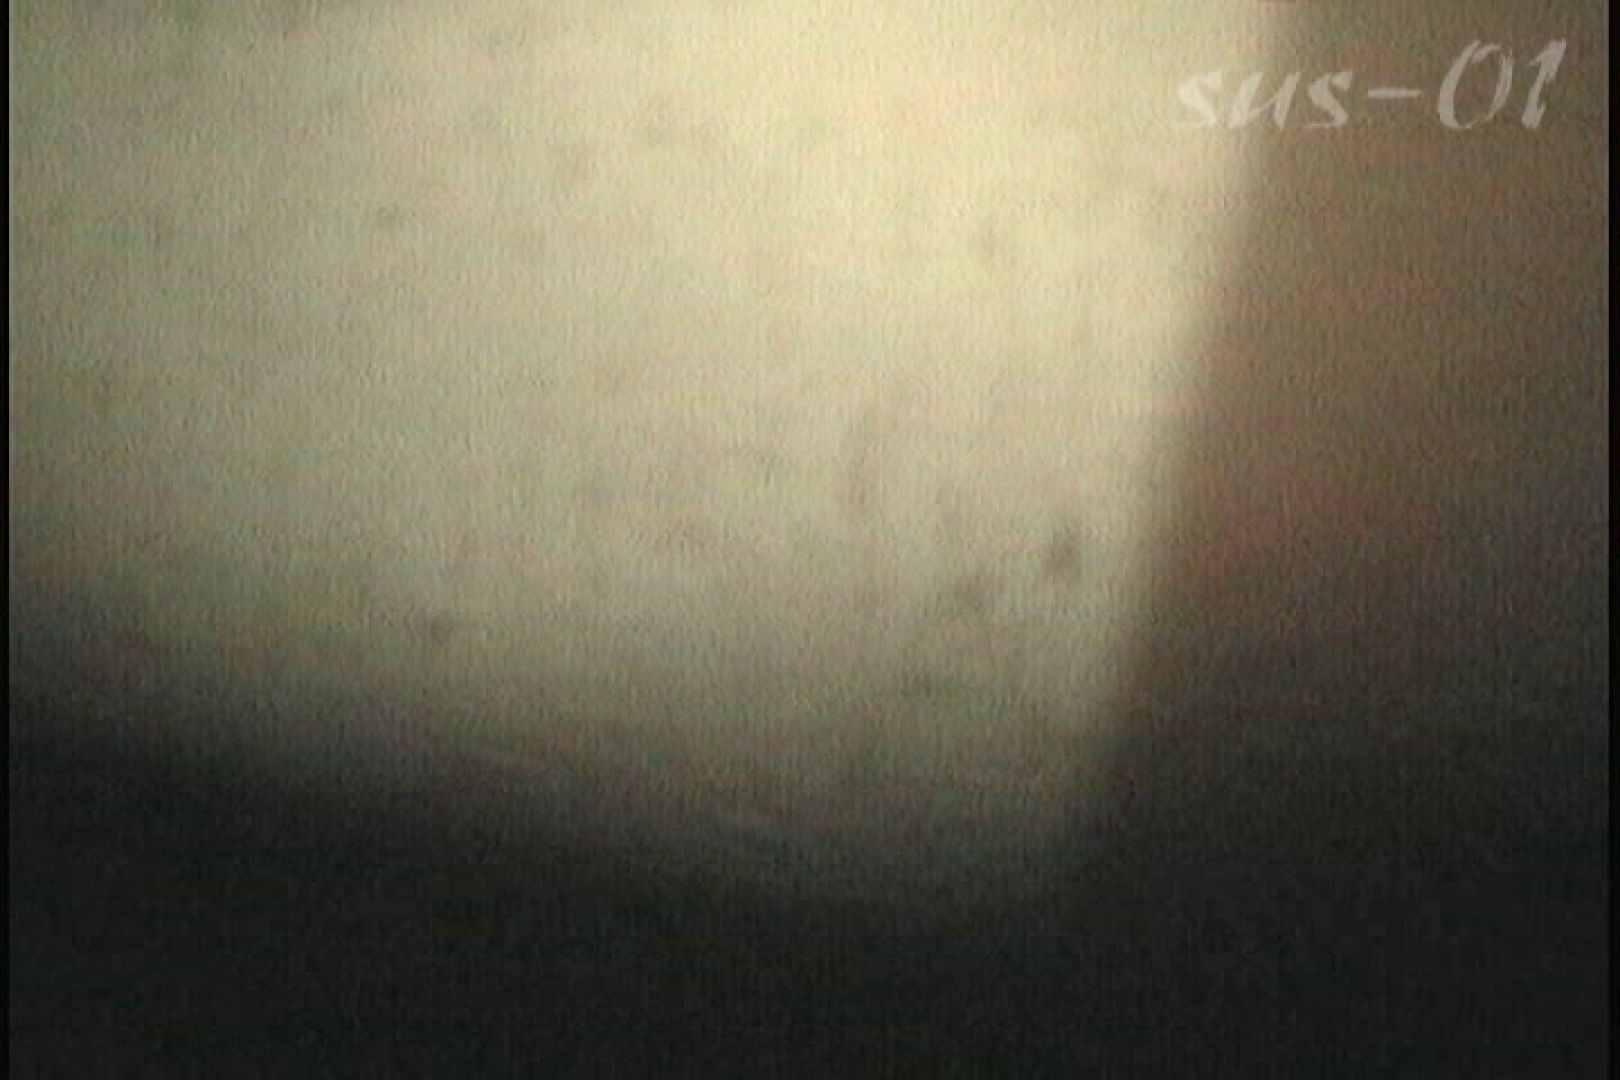 セックスアダルト動画|No.6 ギャル詰め合わせ、臨場感は別格です。|怪盗ジョーカー